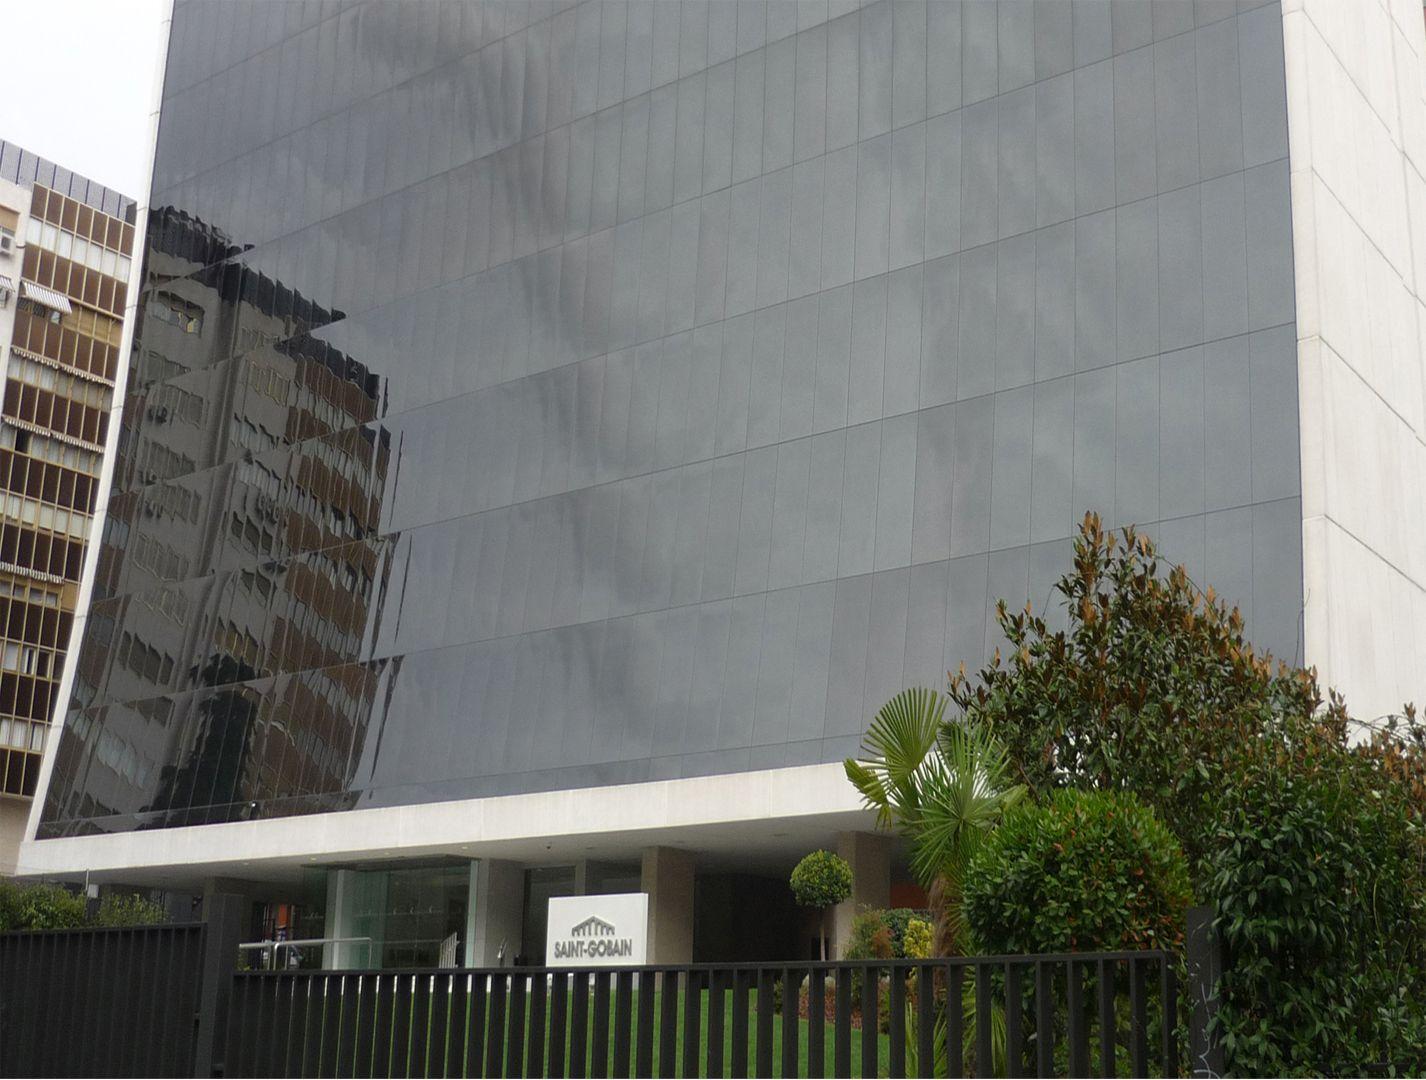 Sede social saint gobain fsl ingenieros - Aguirre newman arquitectura ...